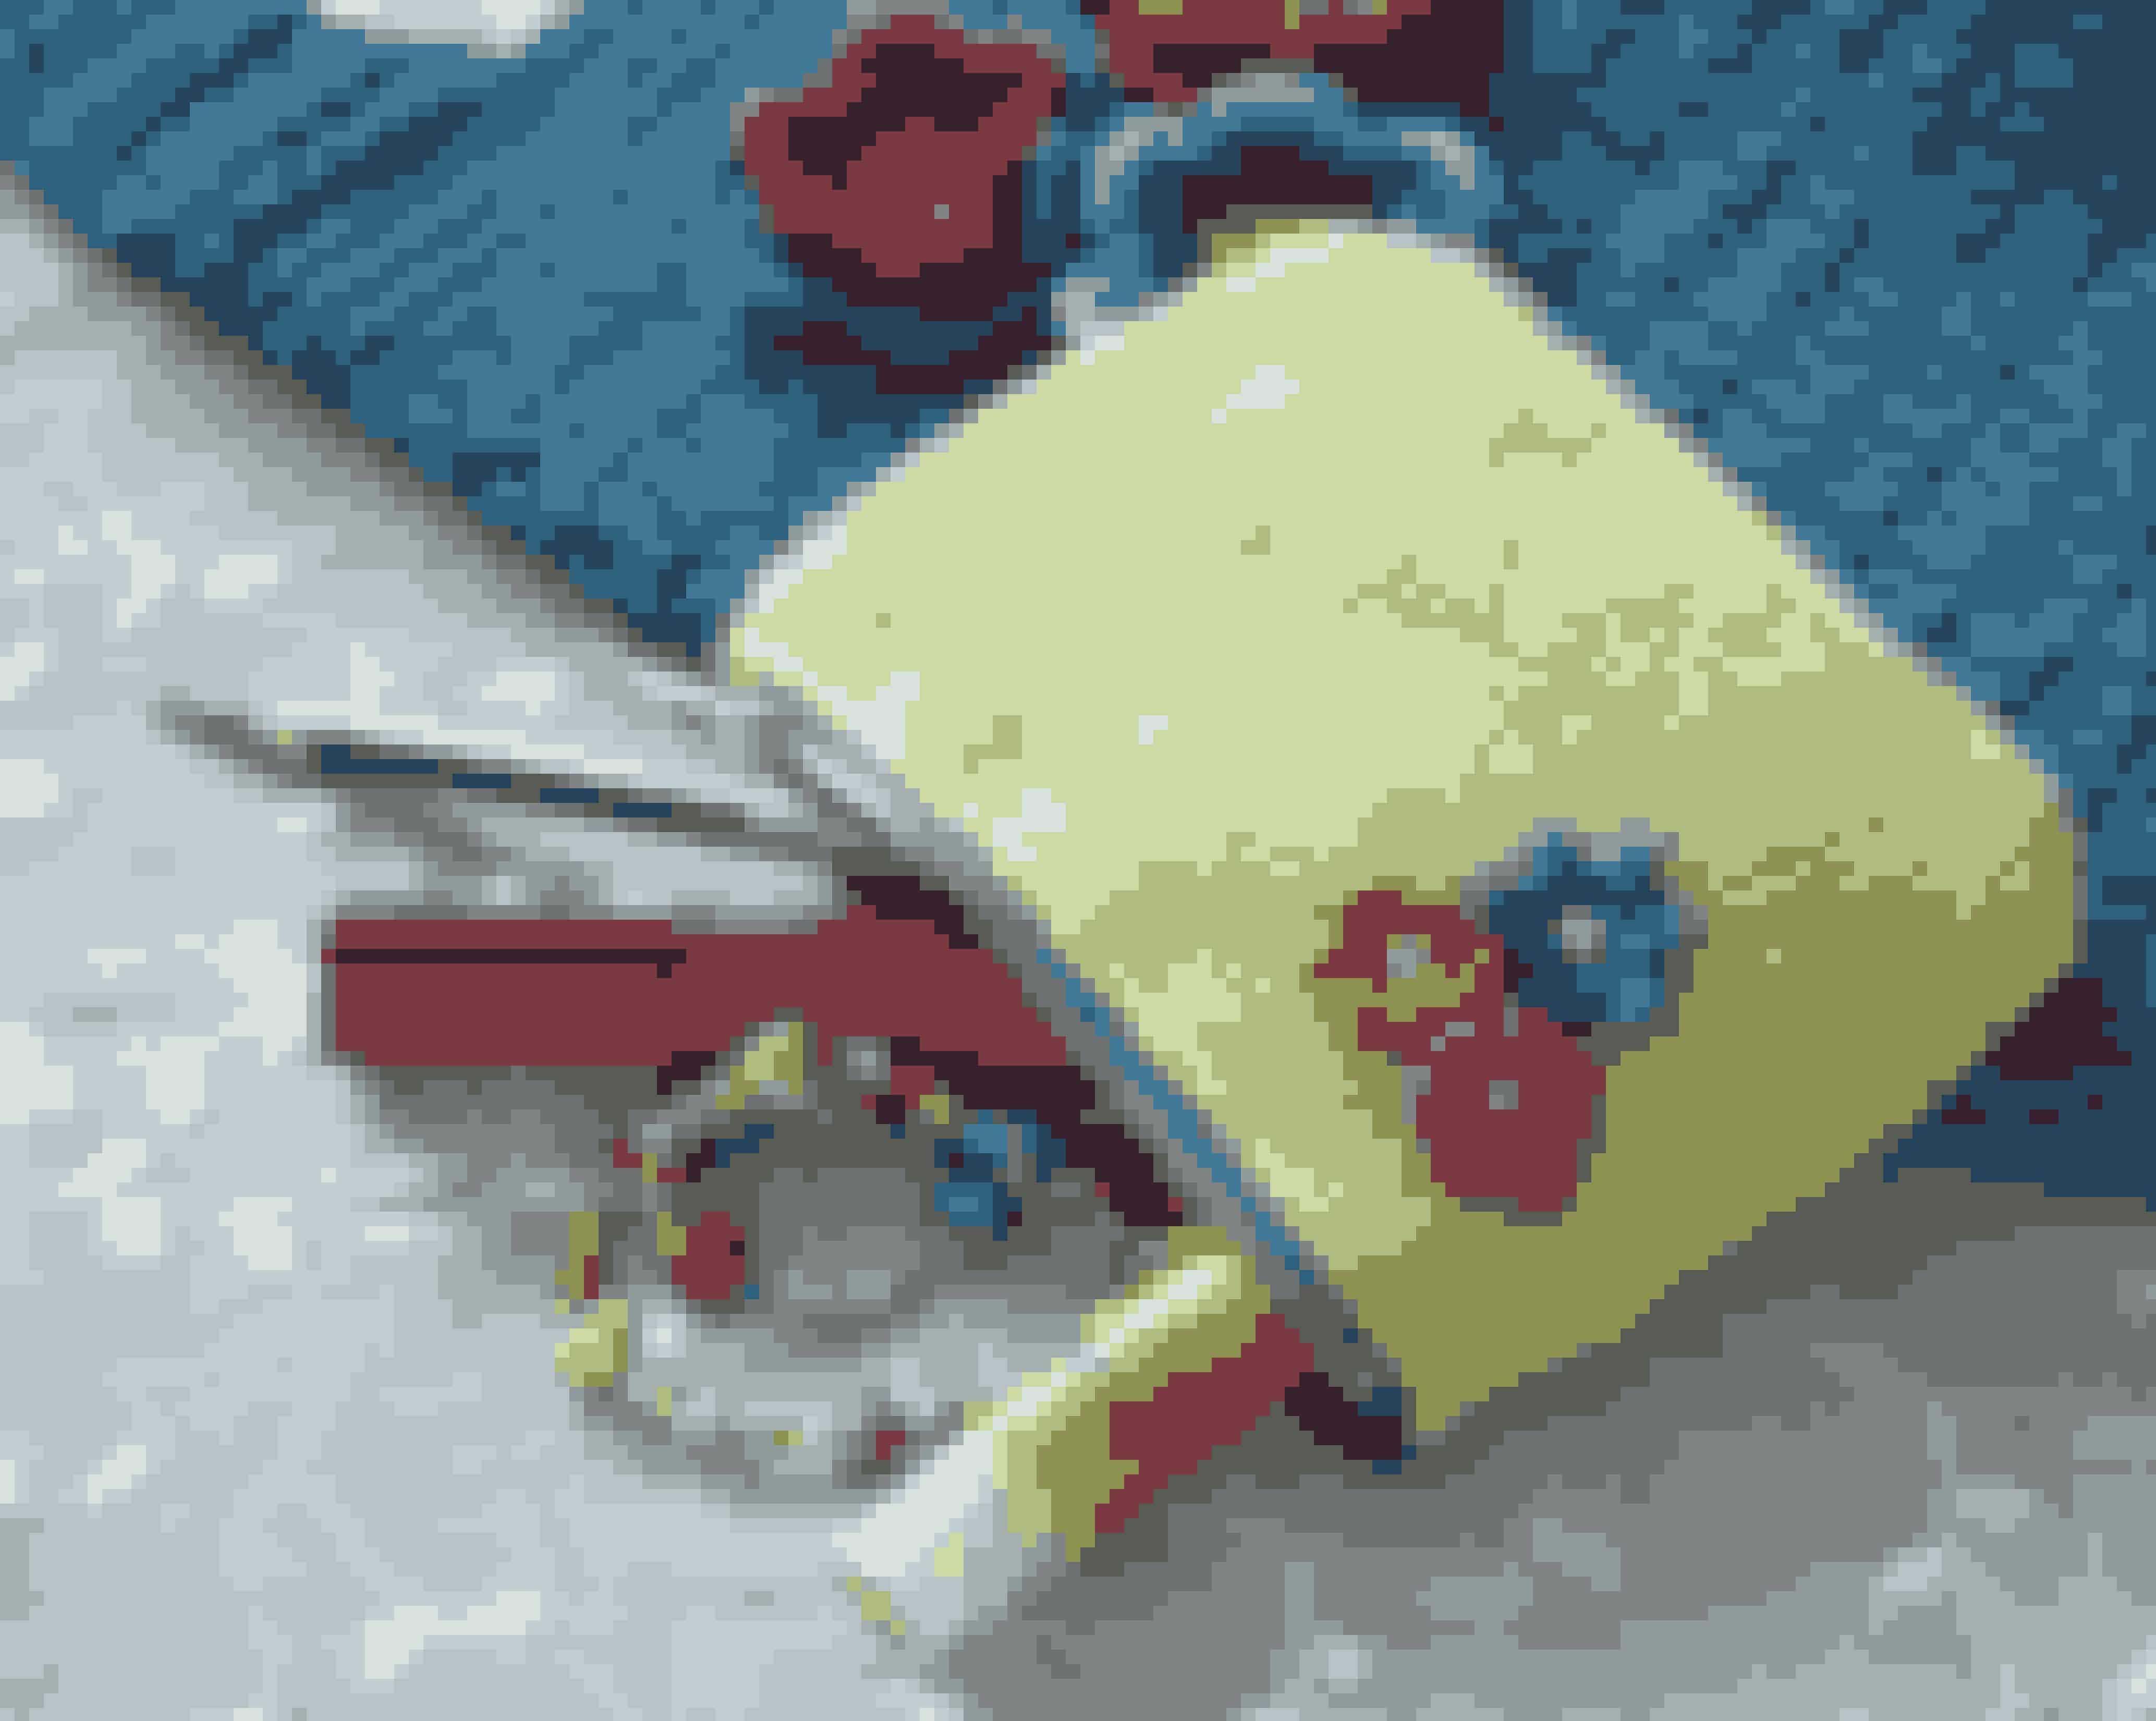 Hæklen fin taske eller kosmetikpung til din mori hendes yndlingsfarve. Super gave til mors dag - se opskriften her